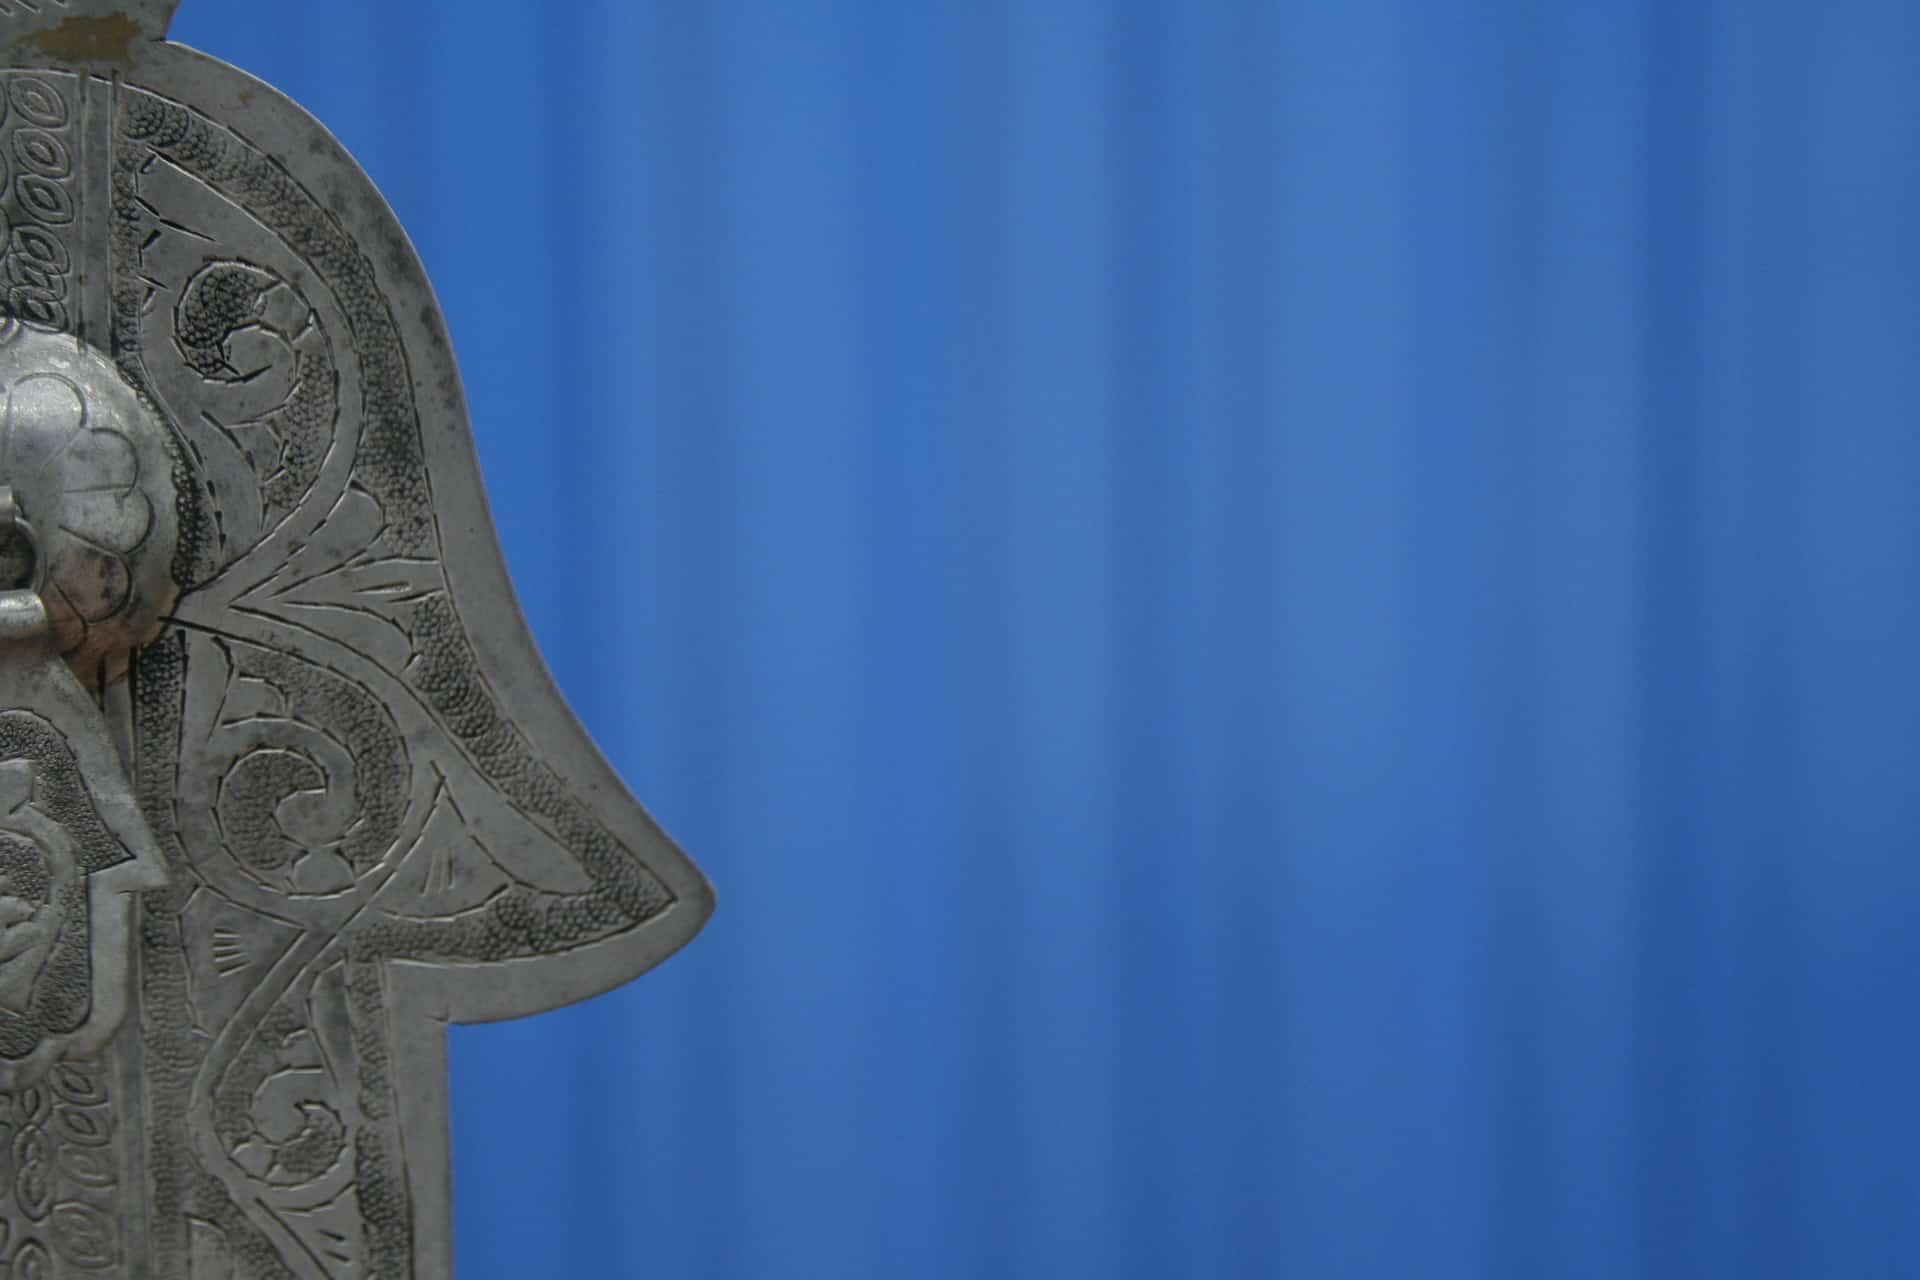 halve hand van fatima zilver op blauwe achtergrond